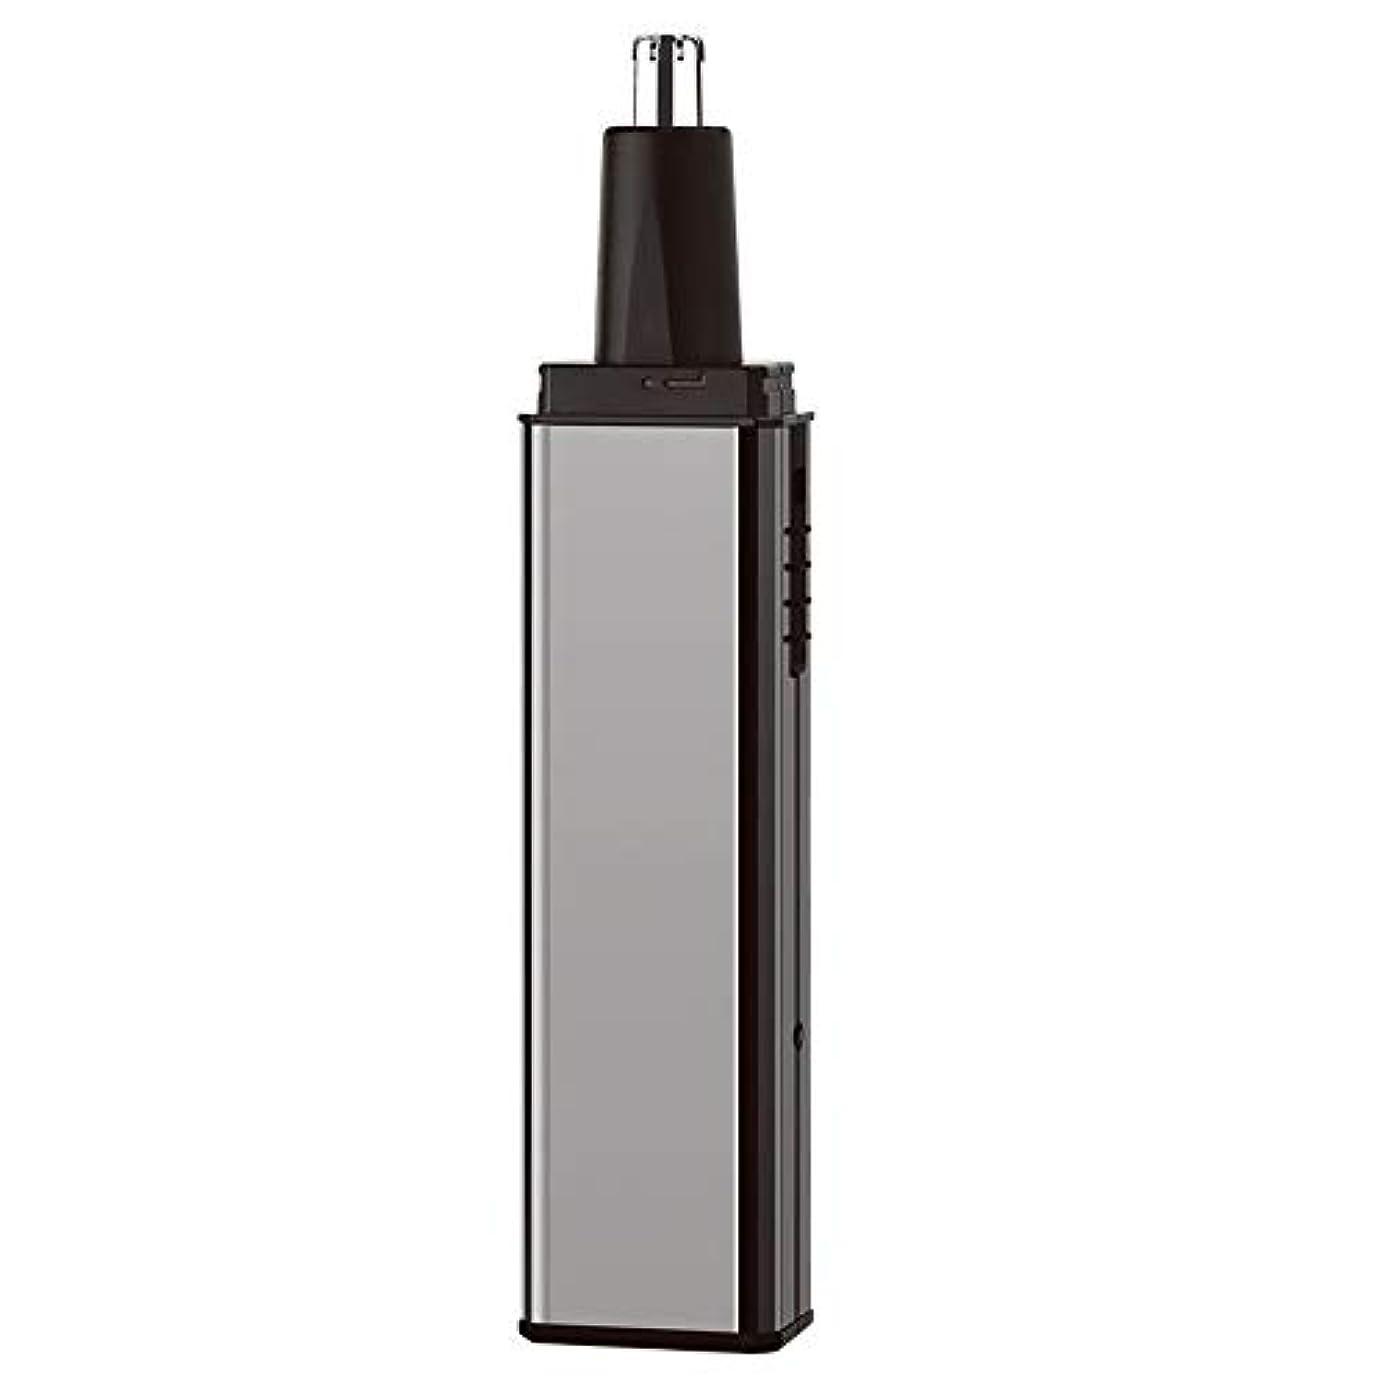 素子馬鹿げた論争鼻毛トリマー-多機能スーツフォーインワン/電気鼻毛トリマー/ステンレススチール/多機能/ 13.5 * 2.7cm 作り方がすぐれている